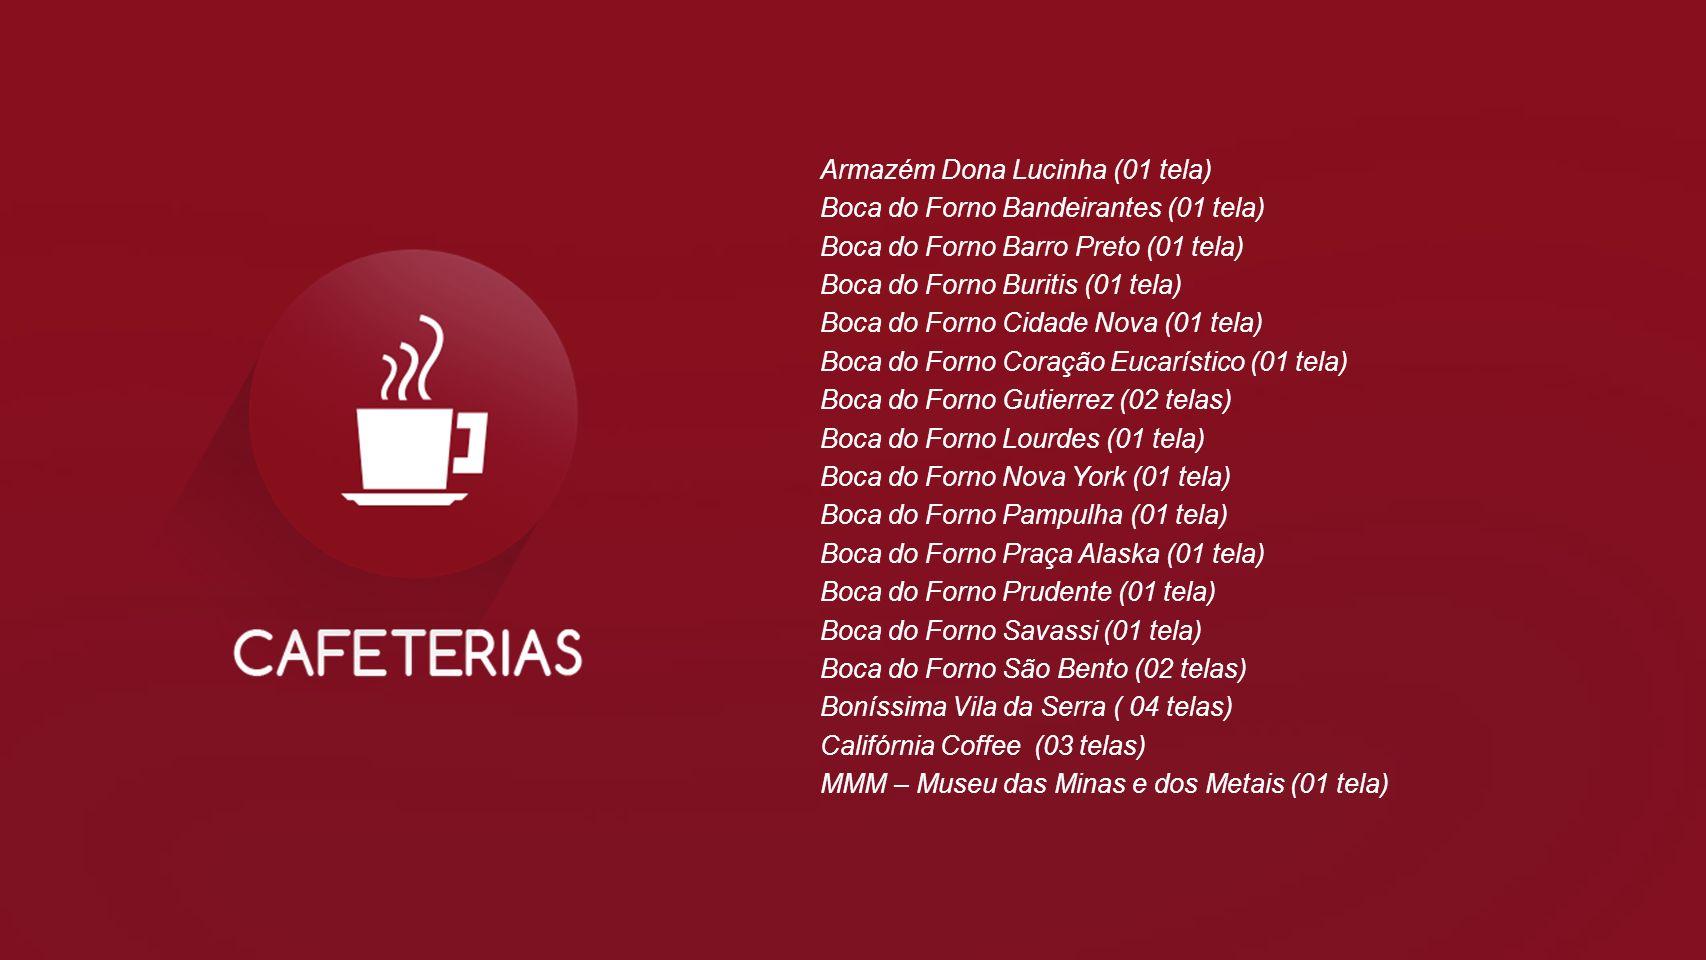 Armazém Dona Lucinha (01 tela) Boca do Forno Bandeirantes (01 tela) Boca do Forno Barro Preto (01 tela) Boca do Forno Buritis (01 tela) Boca do Forno